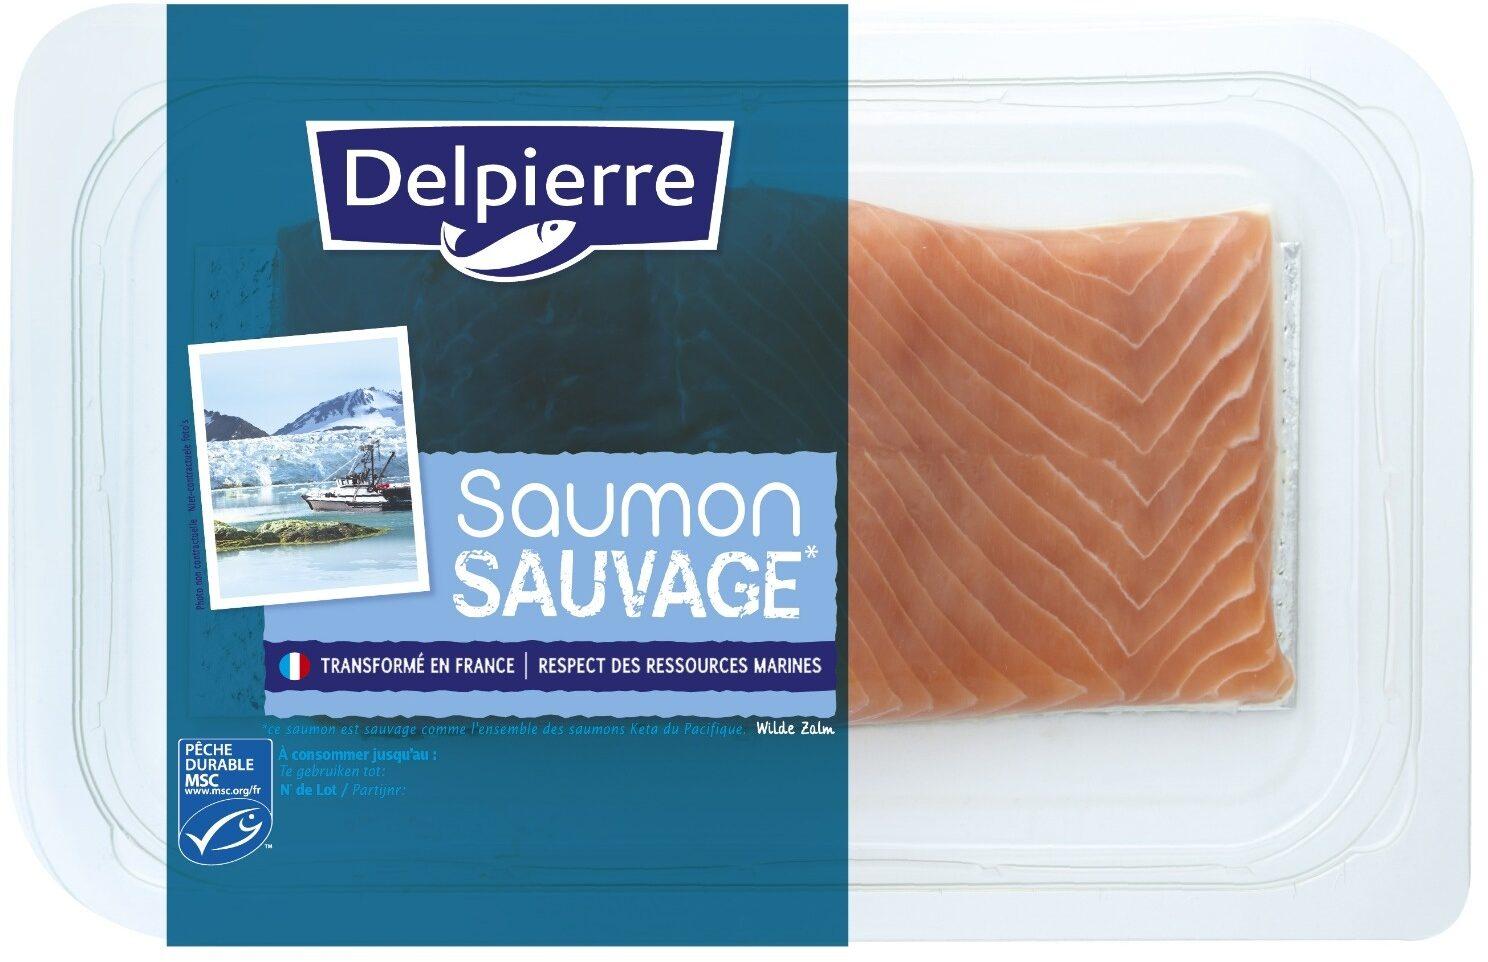 Saumon sauvage Delpierre - Produit